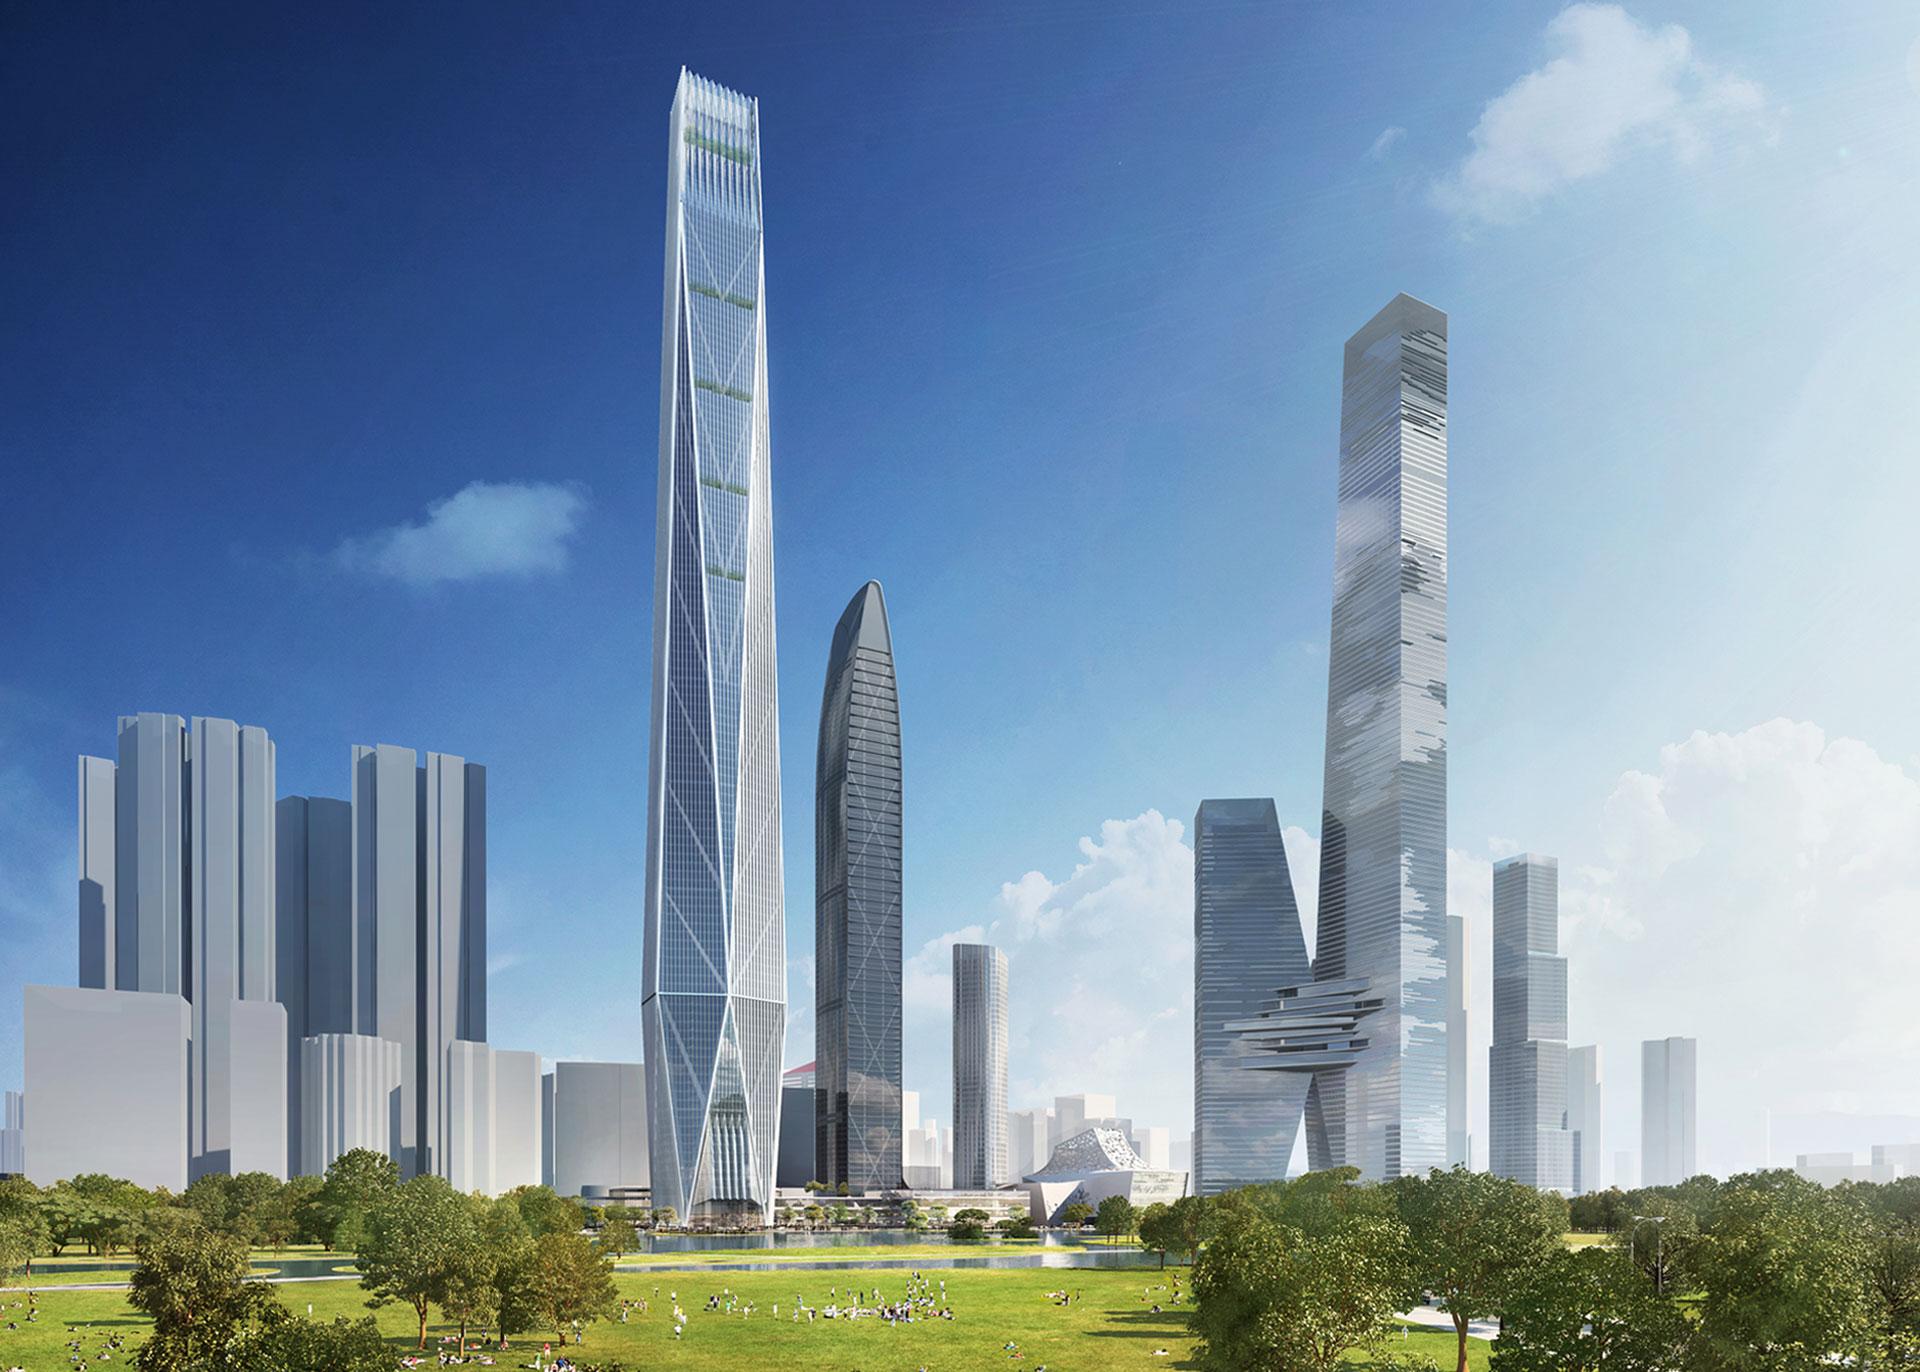 Shenzhen Tower - bKL Architecture